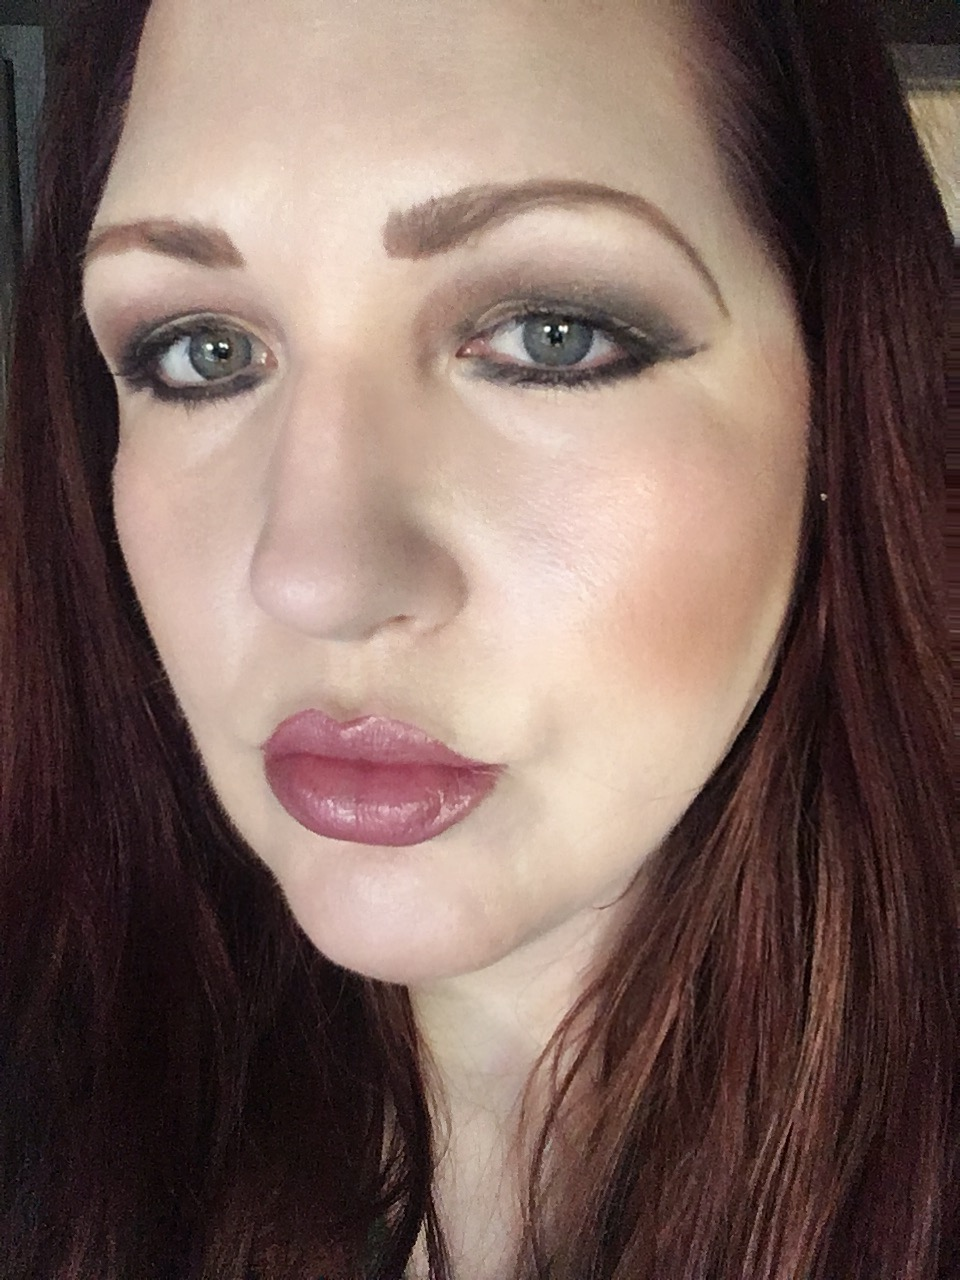 d3027d8c93d Review  Christie Brinkley Authentic Beauty Makeup  ChristieBrinkley ...